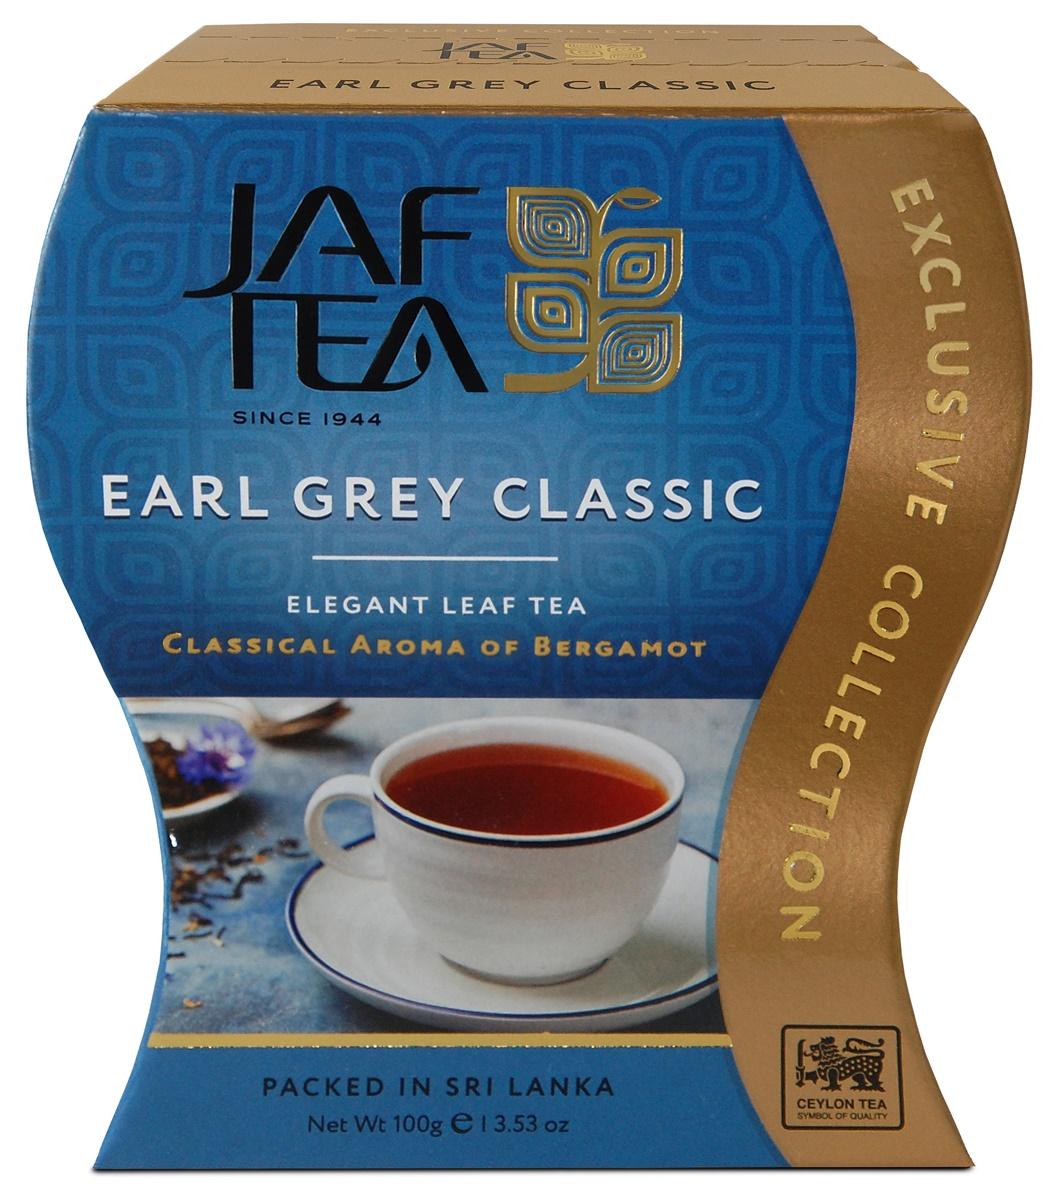 Jaf Tea Earl Grey Classic чай черный листовой с ароматом бергамота, 100 г ahmad tea earl grey черный листовой чай 100 г ж б